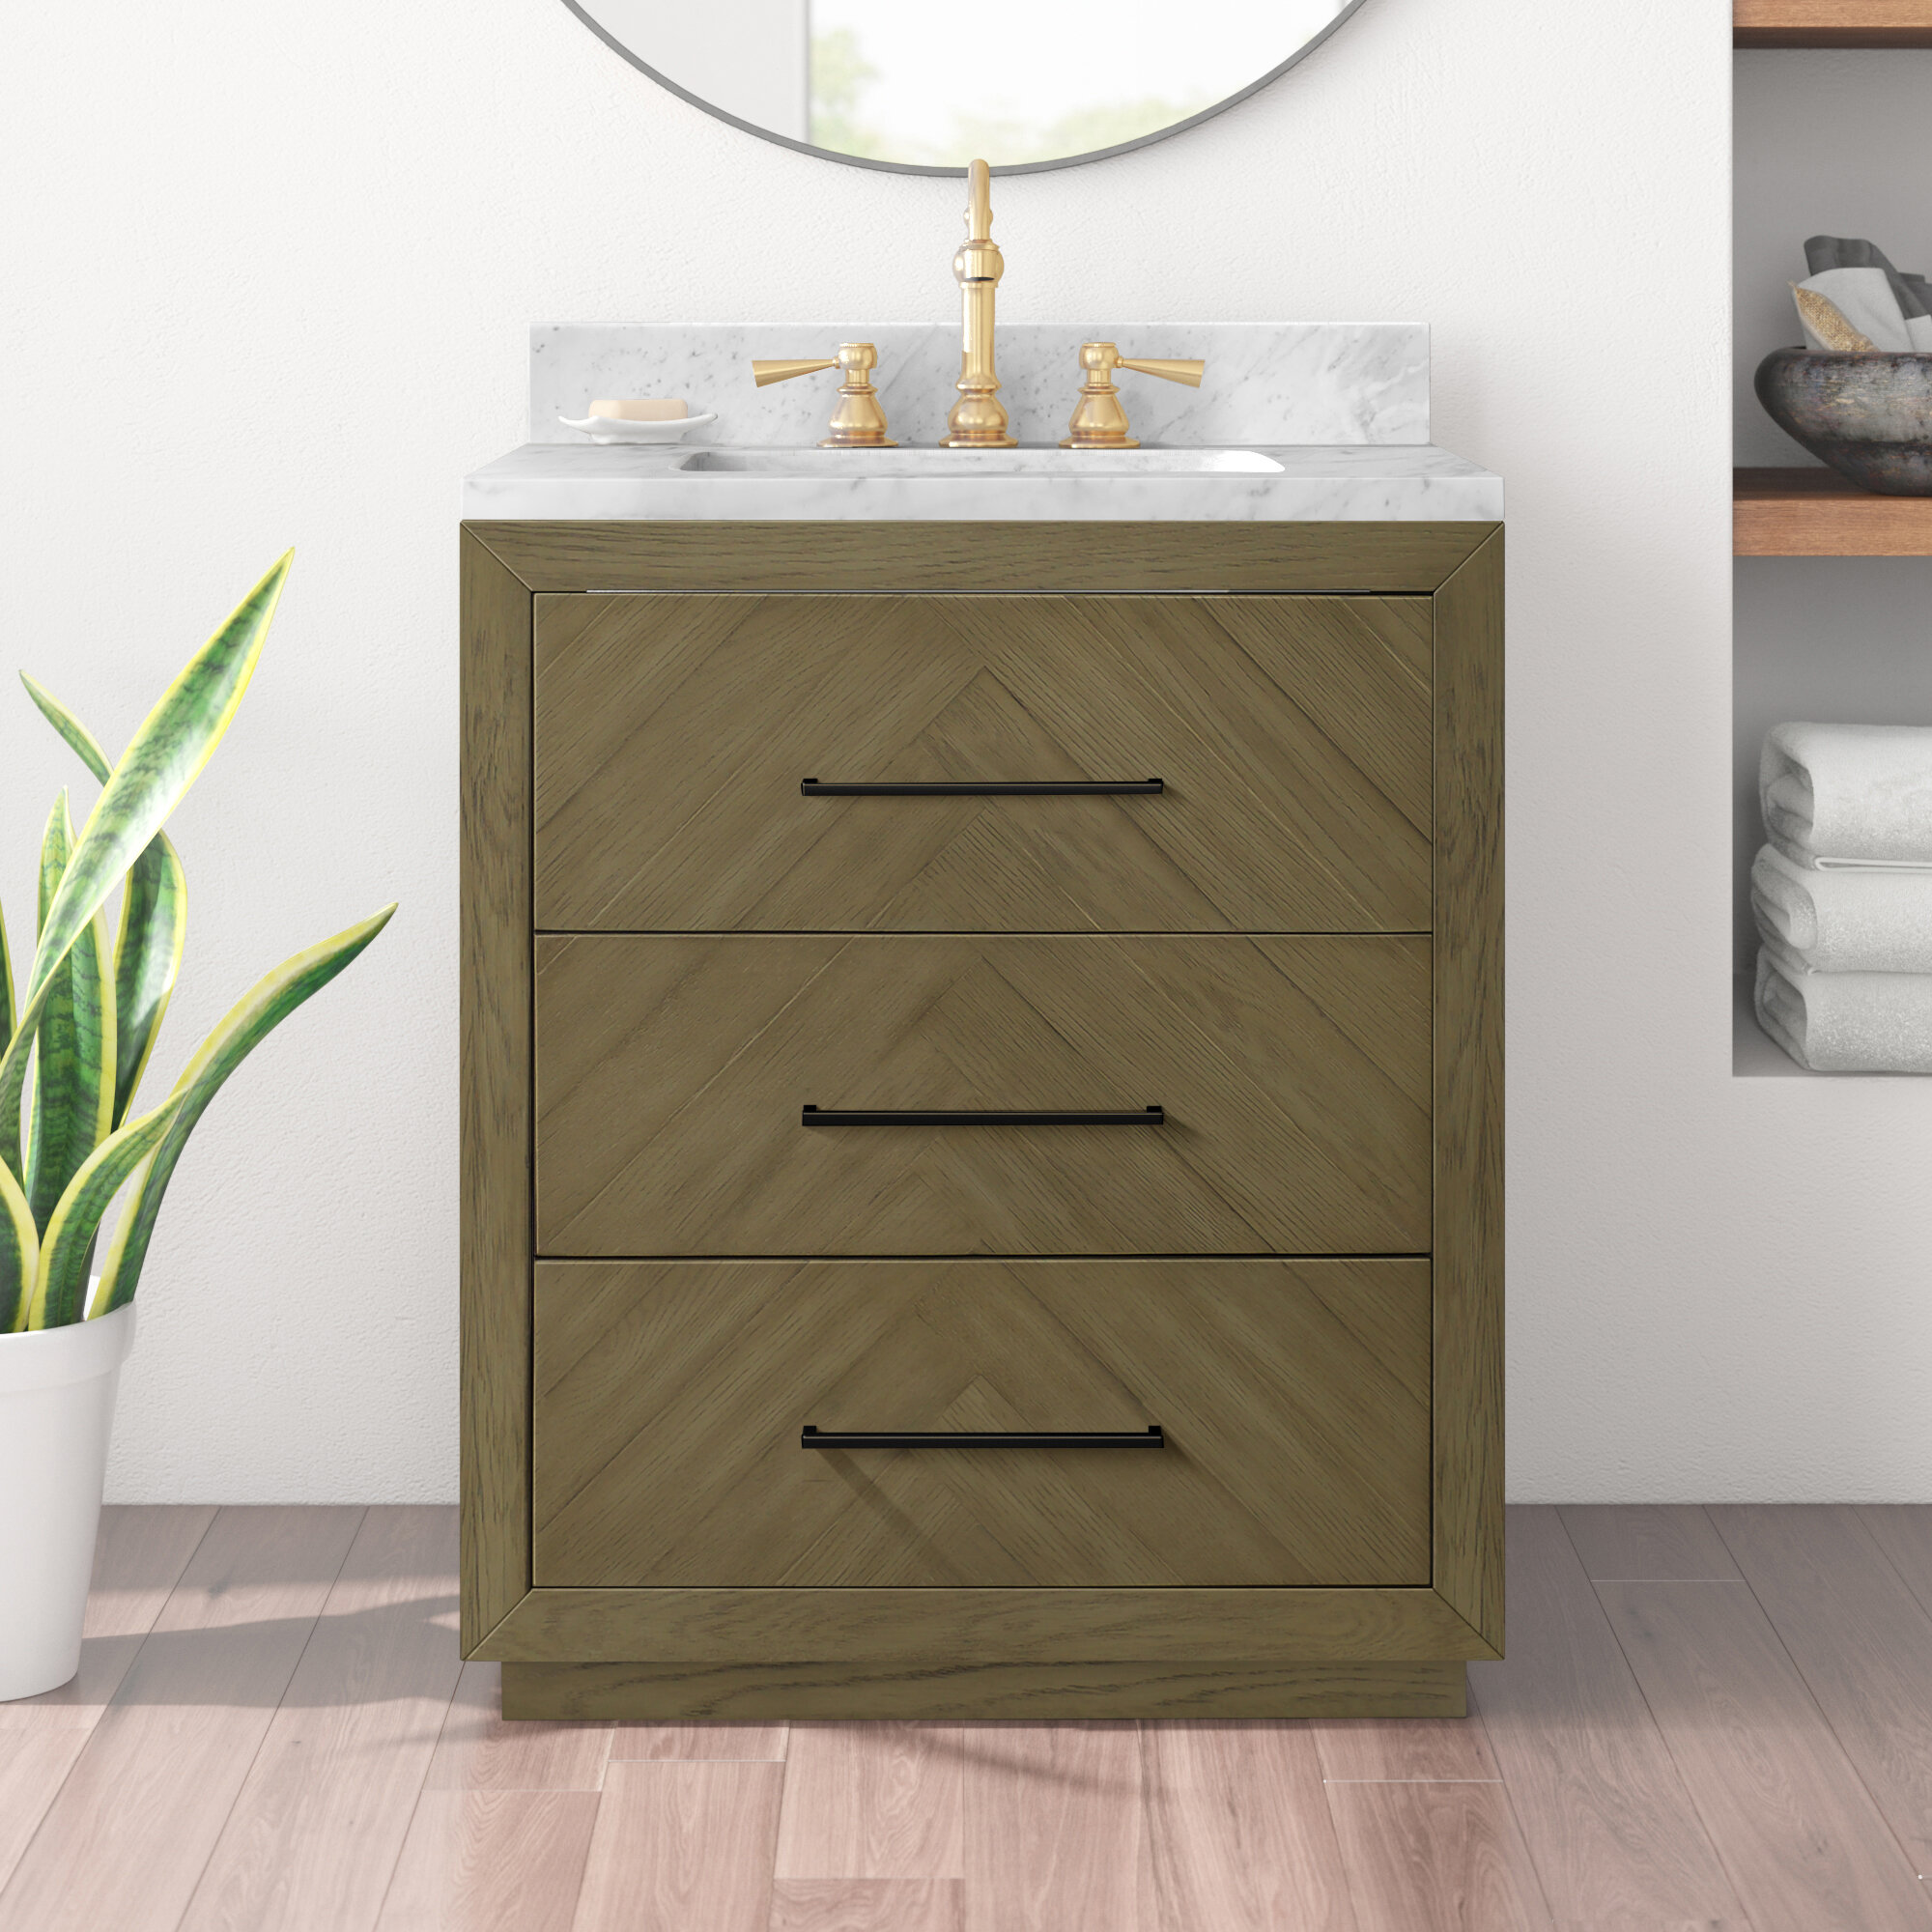 Modern 3 Drawer Bathroom Vanities Allmodern